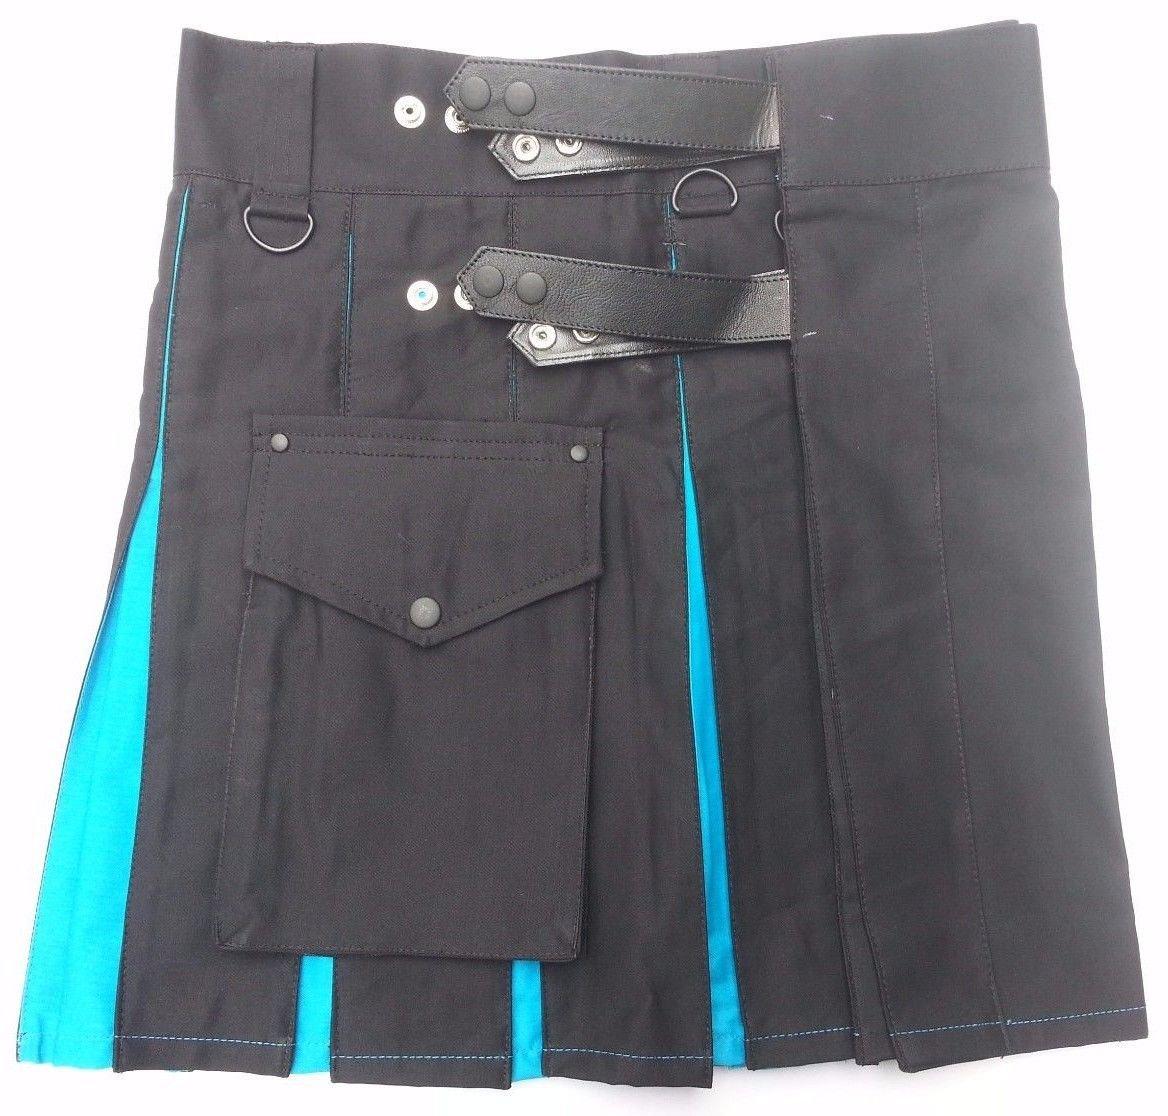 """38"""" Ladies TDK Black & Blue Cotton Hybrid Kilt, Leather Straps Tactical Duty Kilt Black/Blue Cotton"""